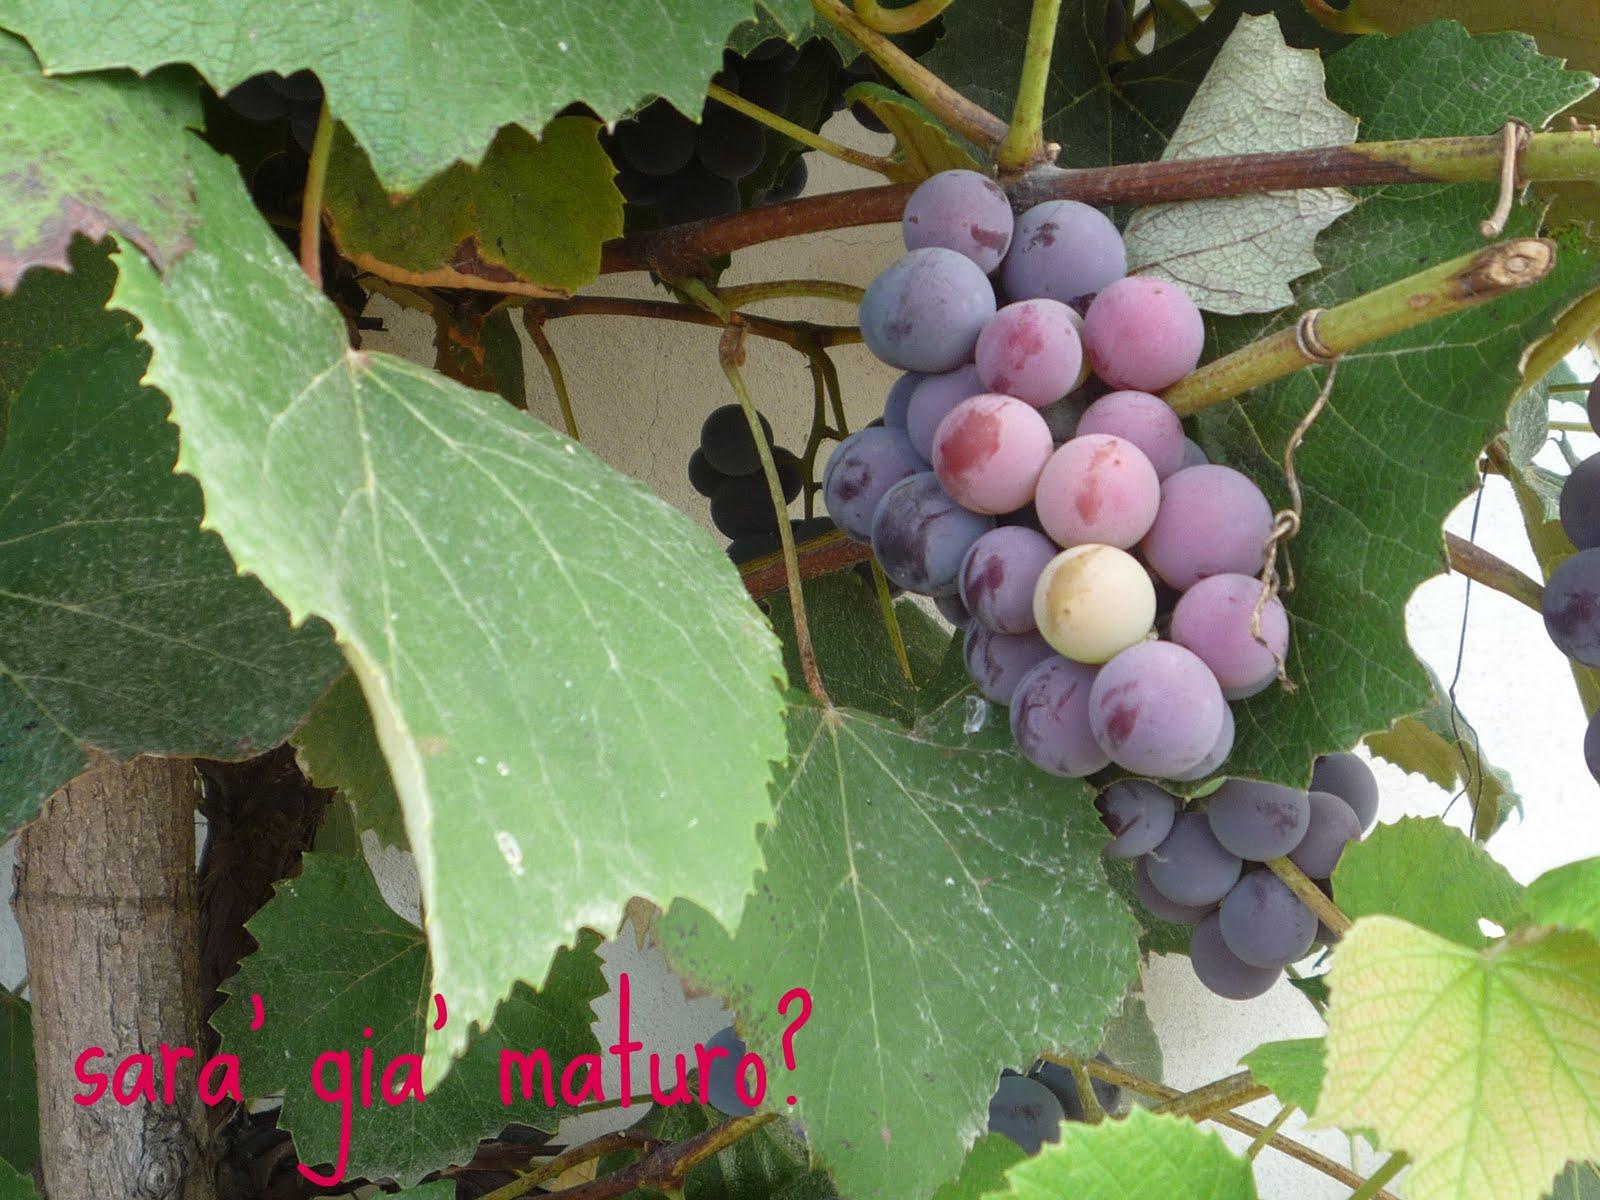 Una stella tra i fornelli crostata con marmellata di uva for Sognare uva fragola